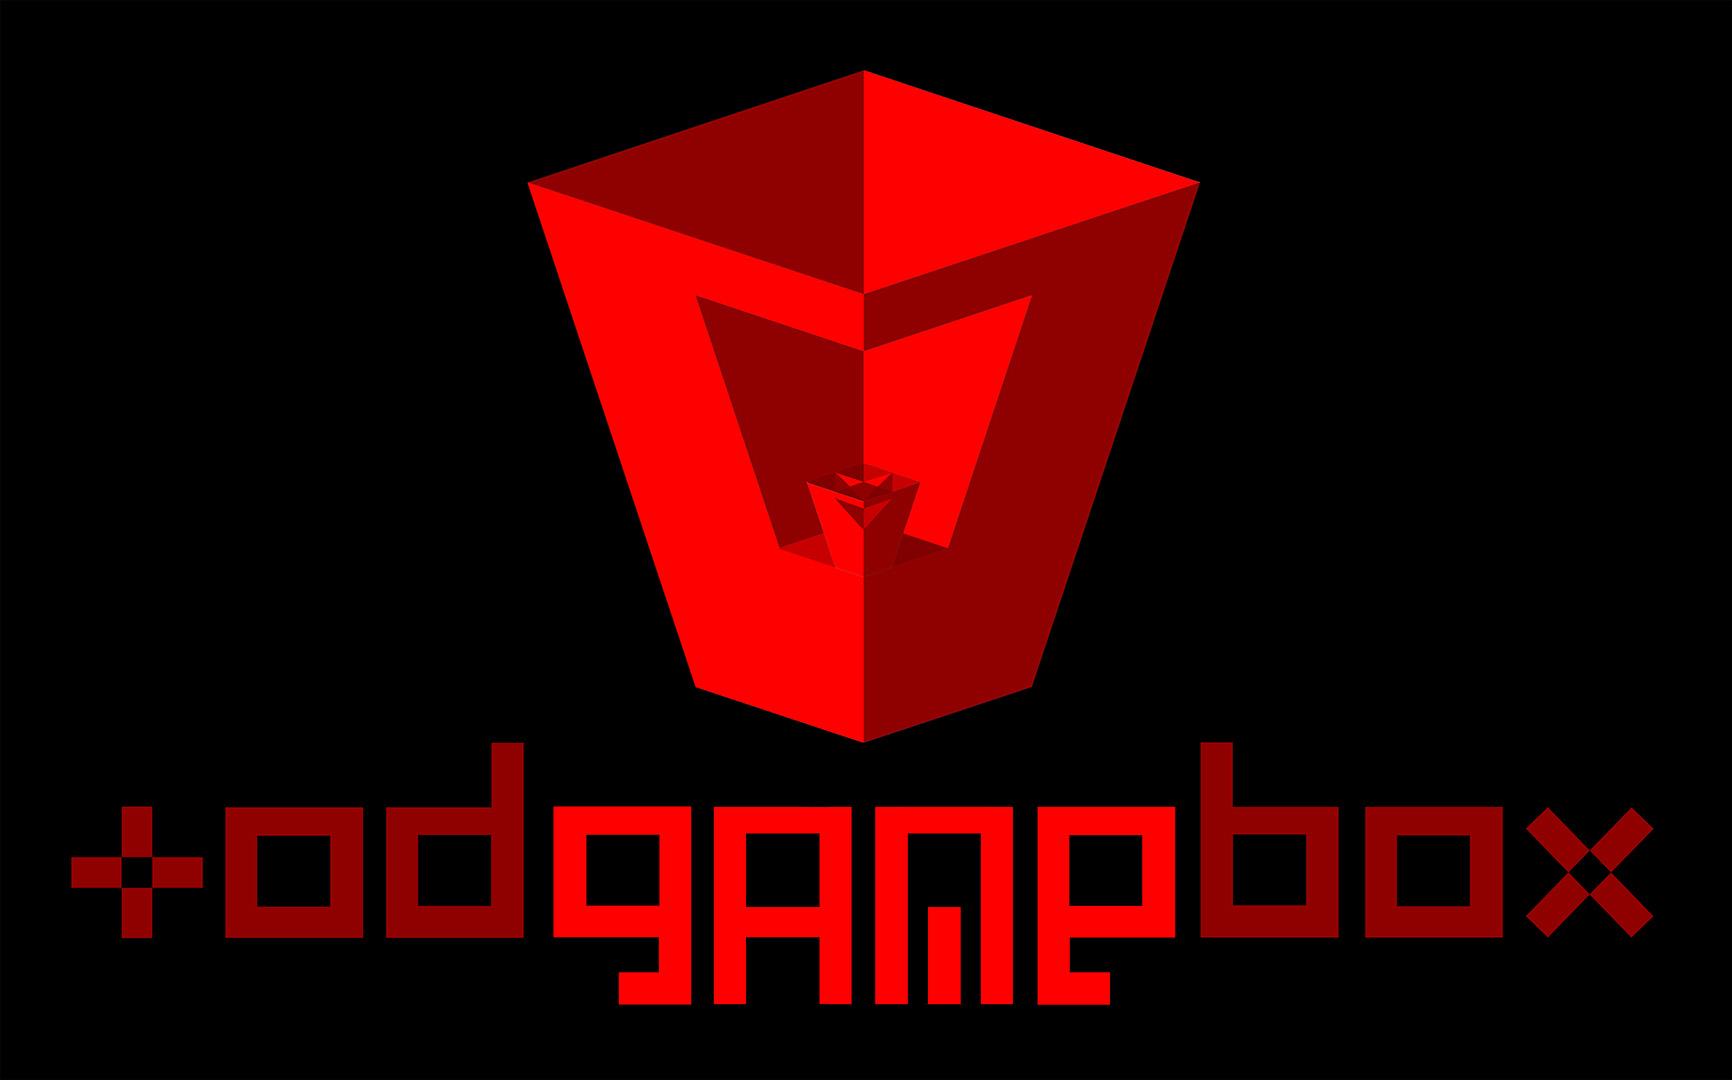 todgameboxfox+